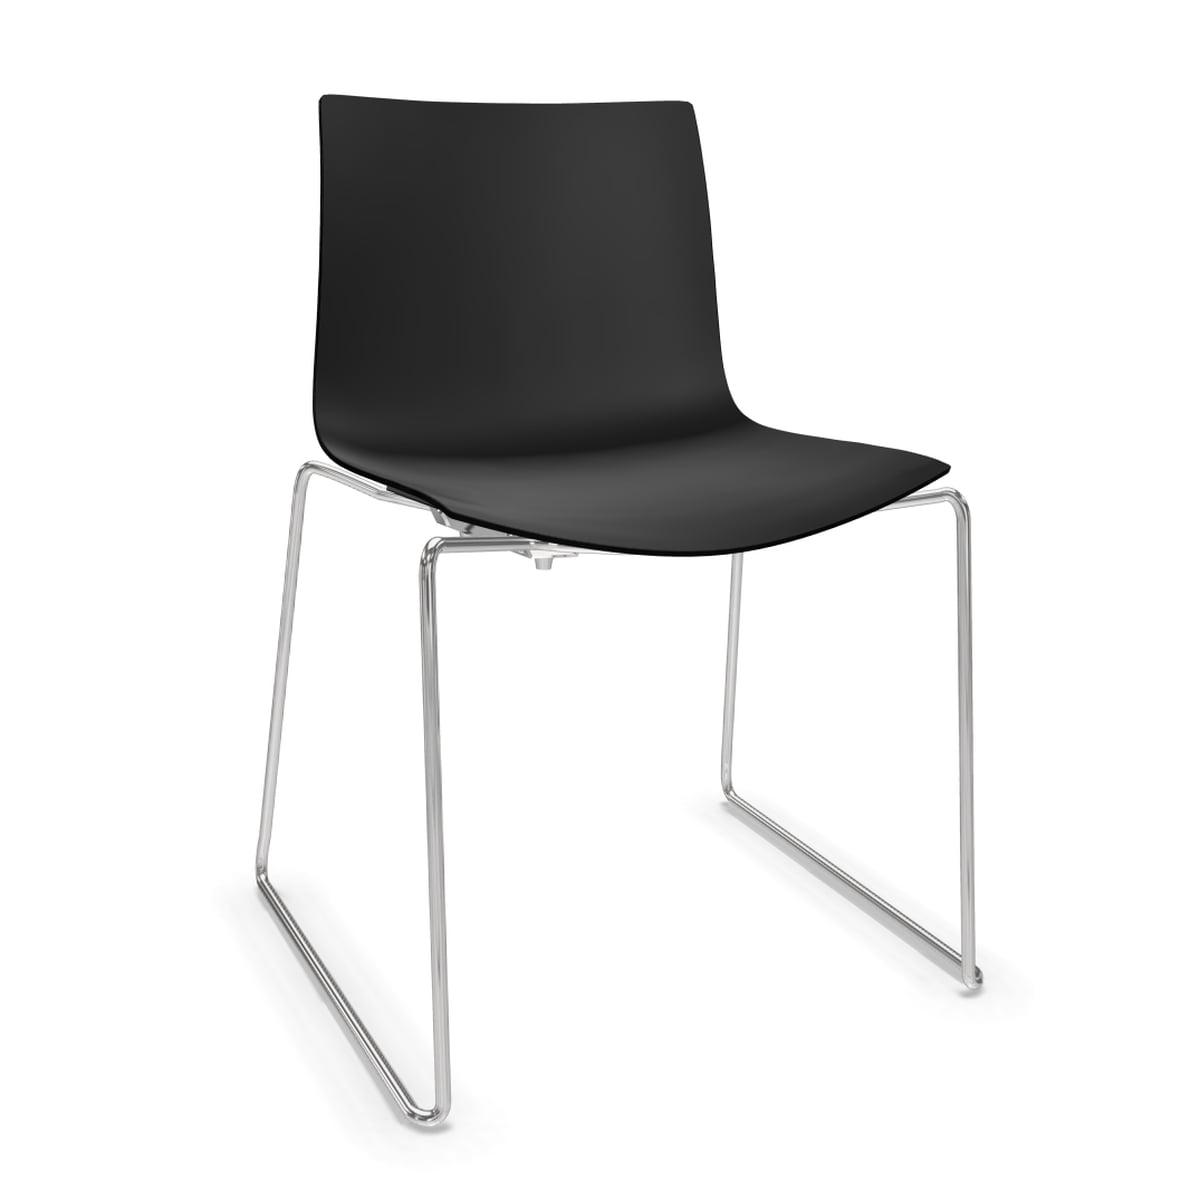 catifa 46 chair sled arper shop. Black Bedroom Furniture Sets. Home Design Ideas